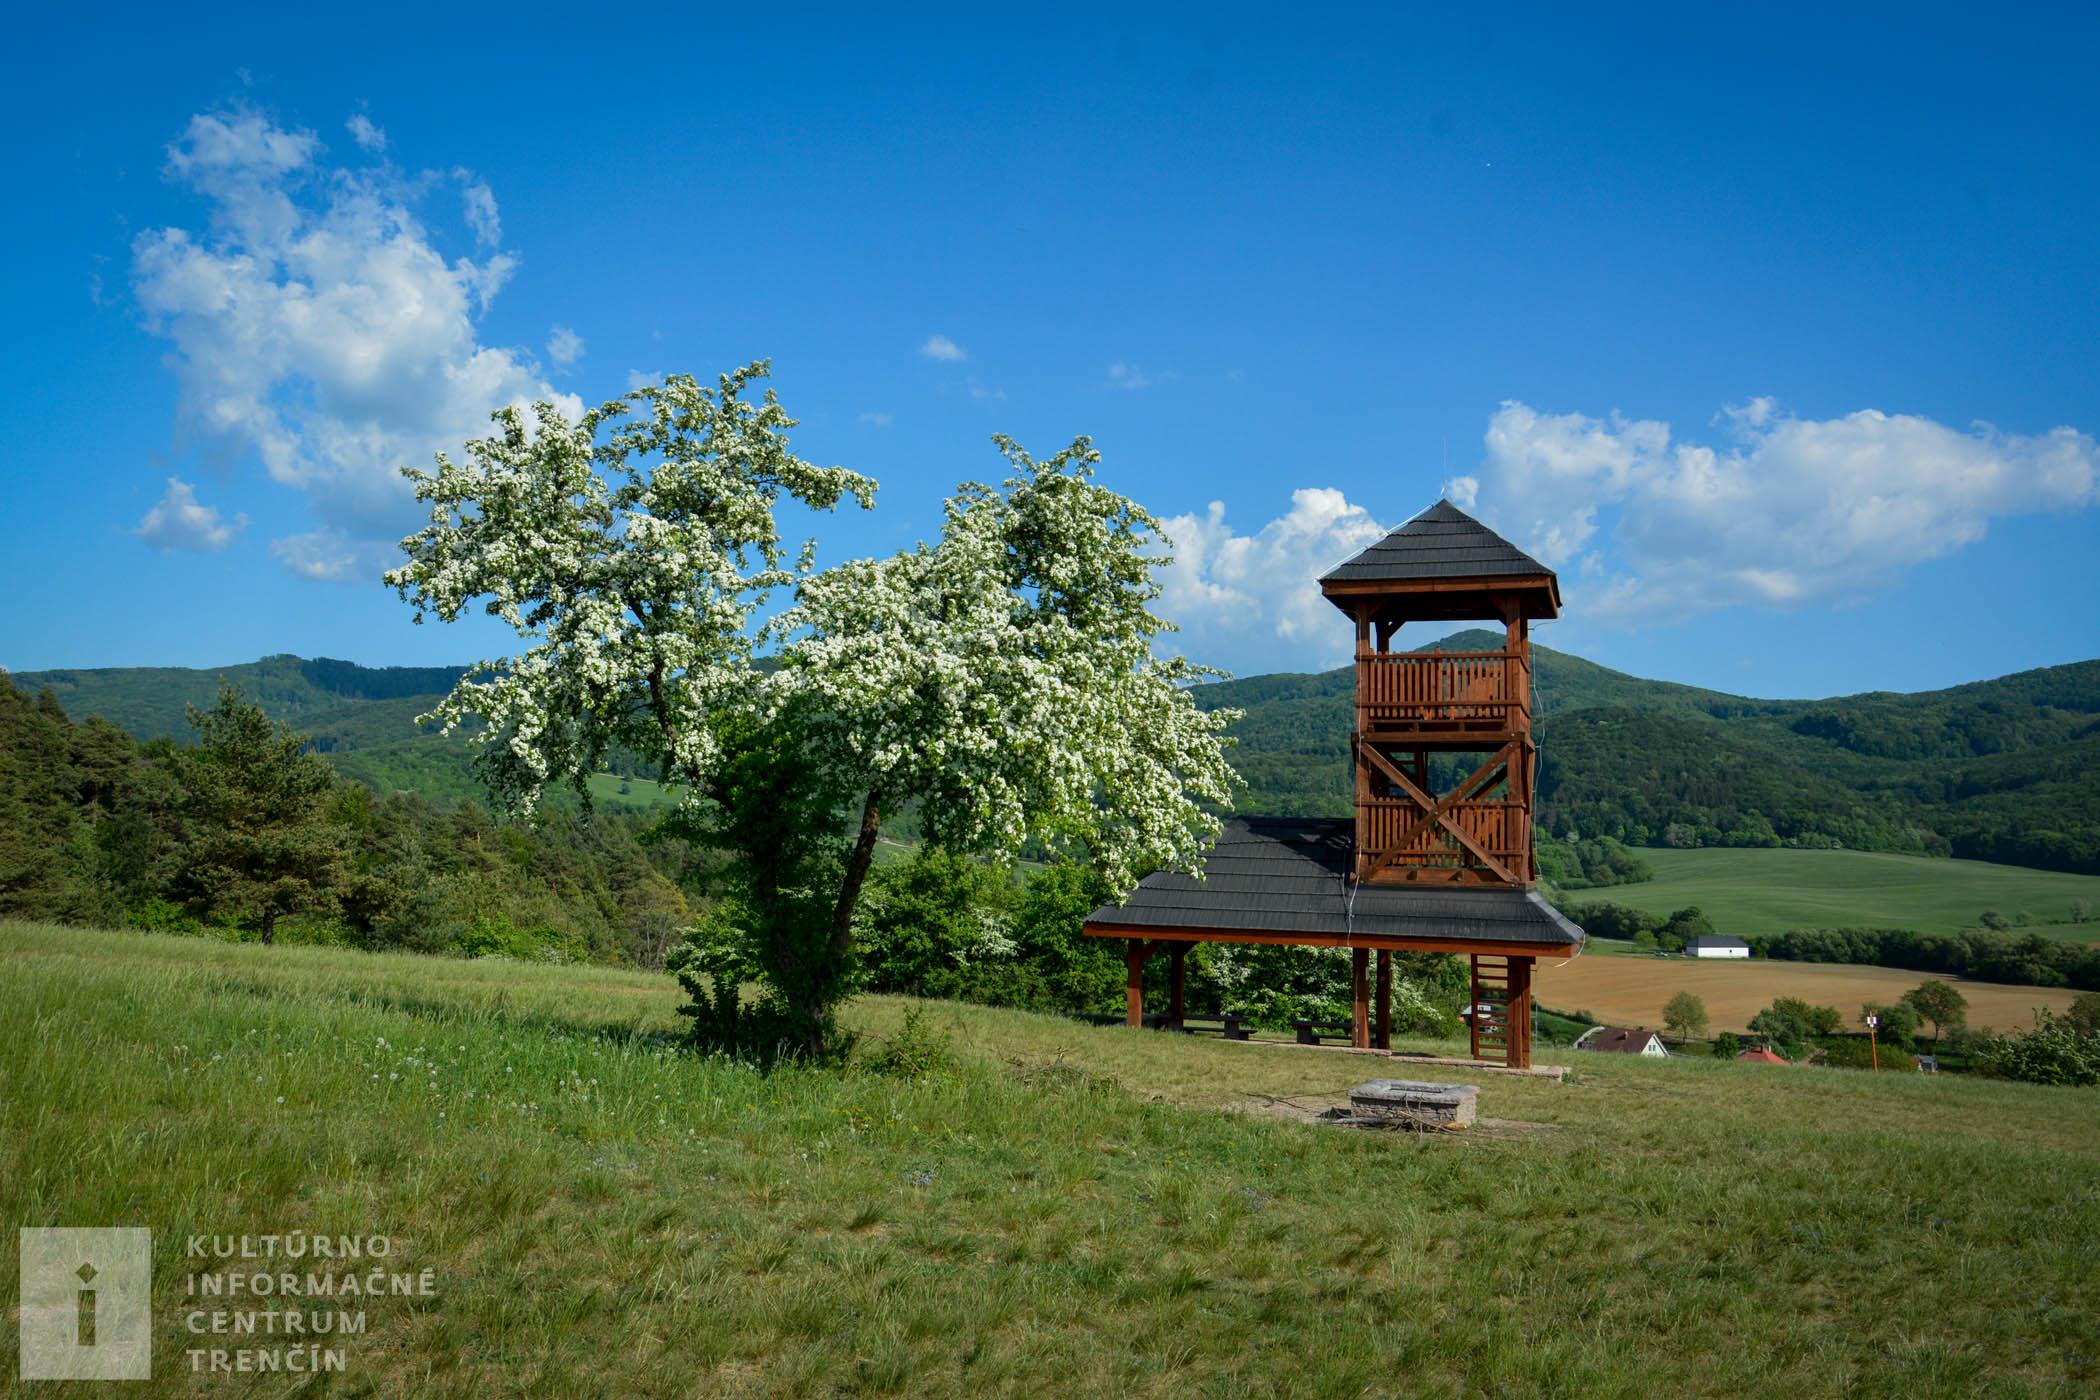 Rozhľadňa Dúbravka/Lookout tower Dúbravka v Soblahove